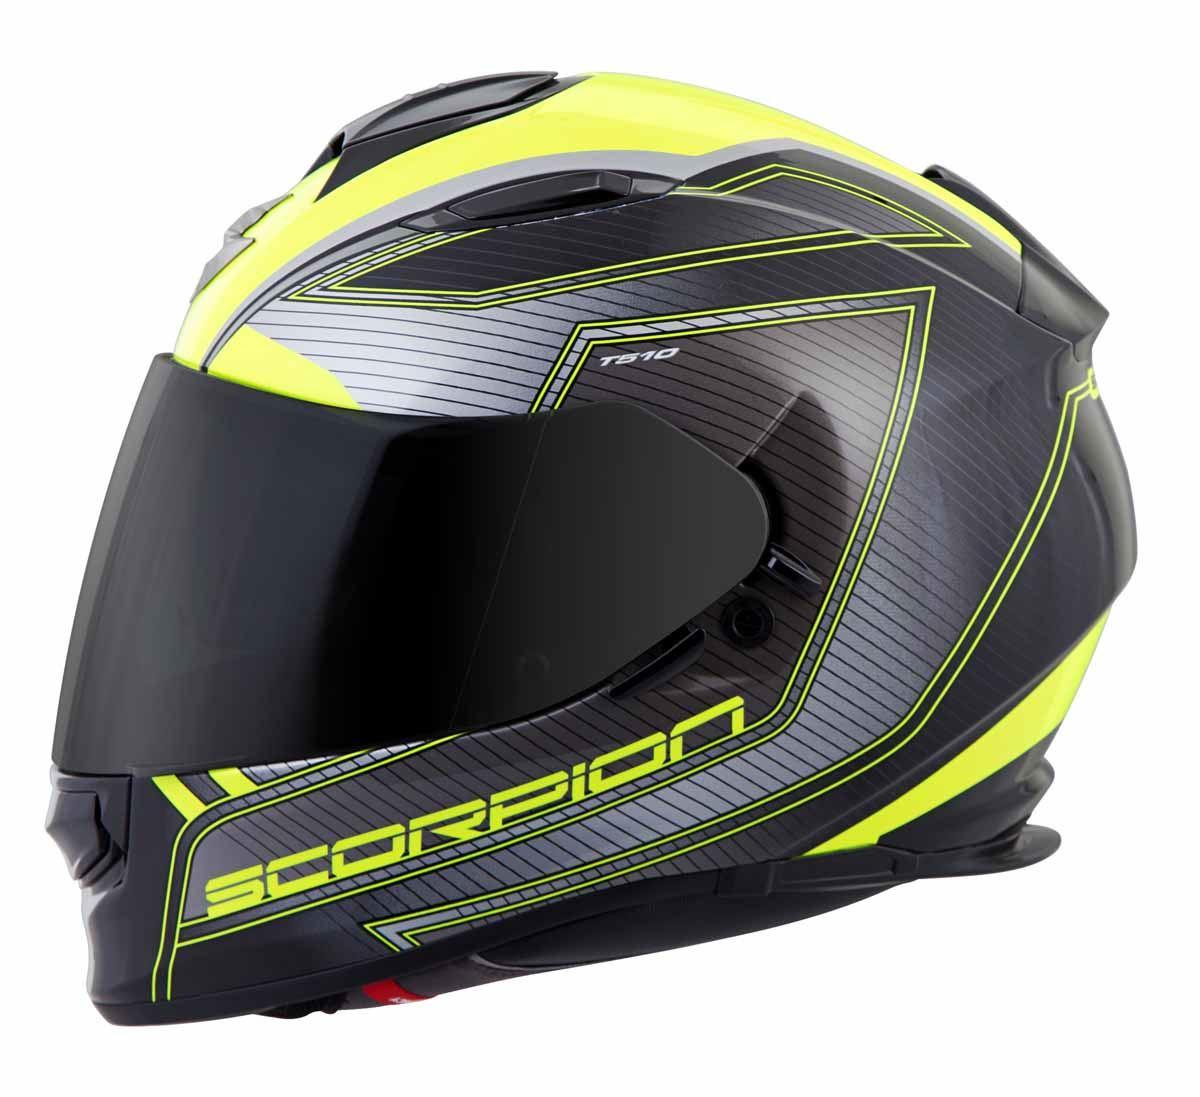 Scorpion-EXO-T510-Helmet-Full-Face-DOT-Approved-Inner-Sun-Shield miniature 25